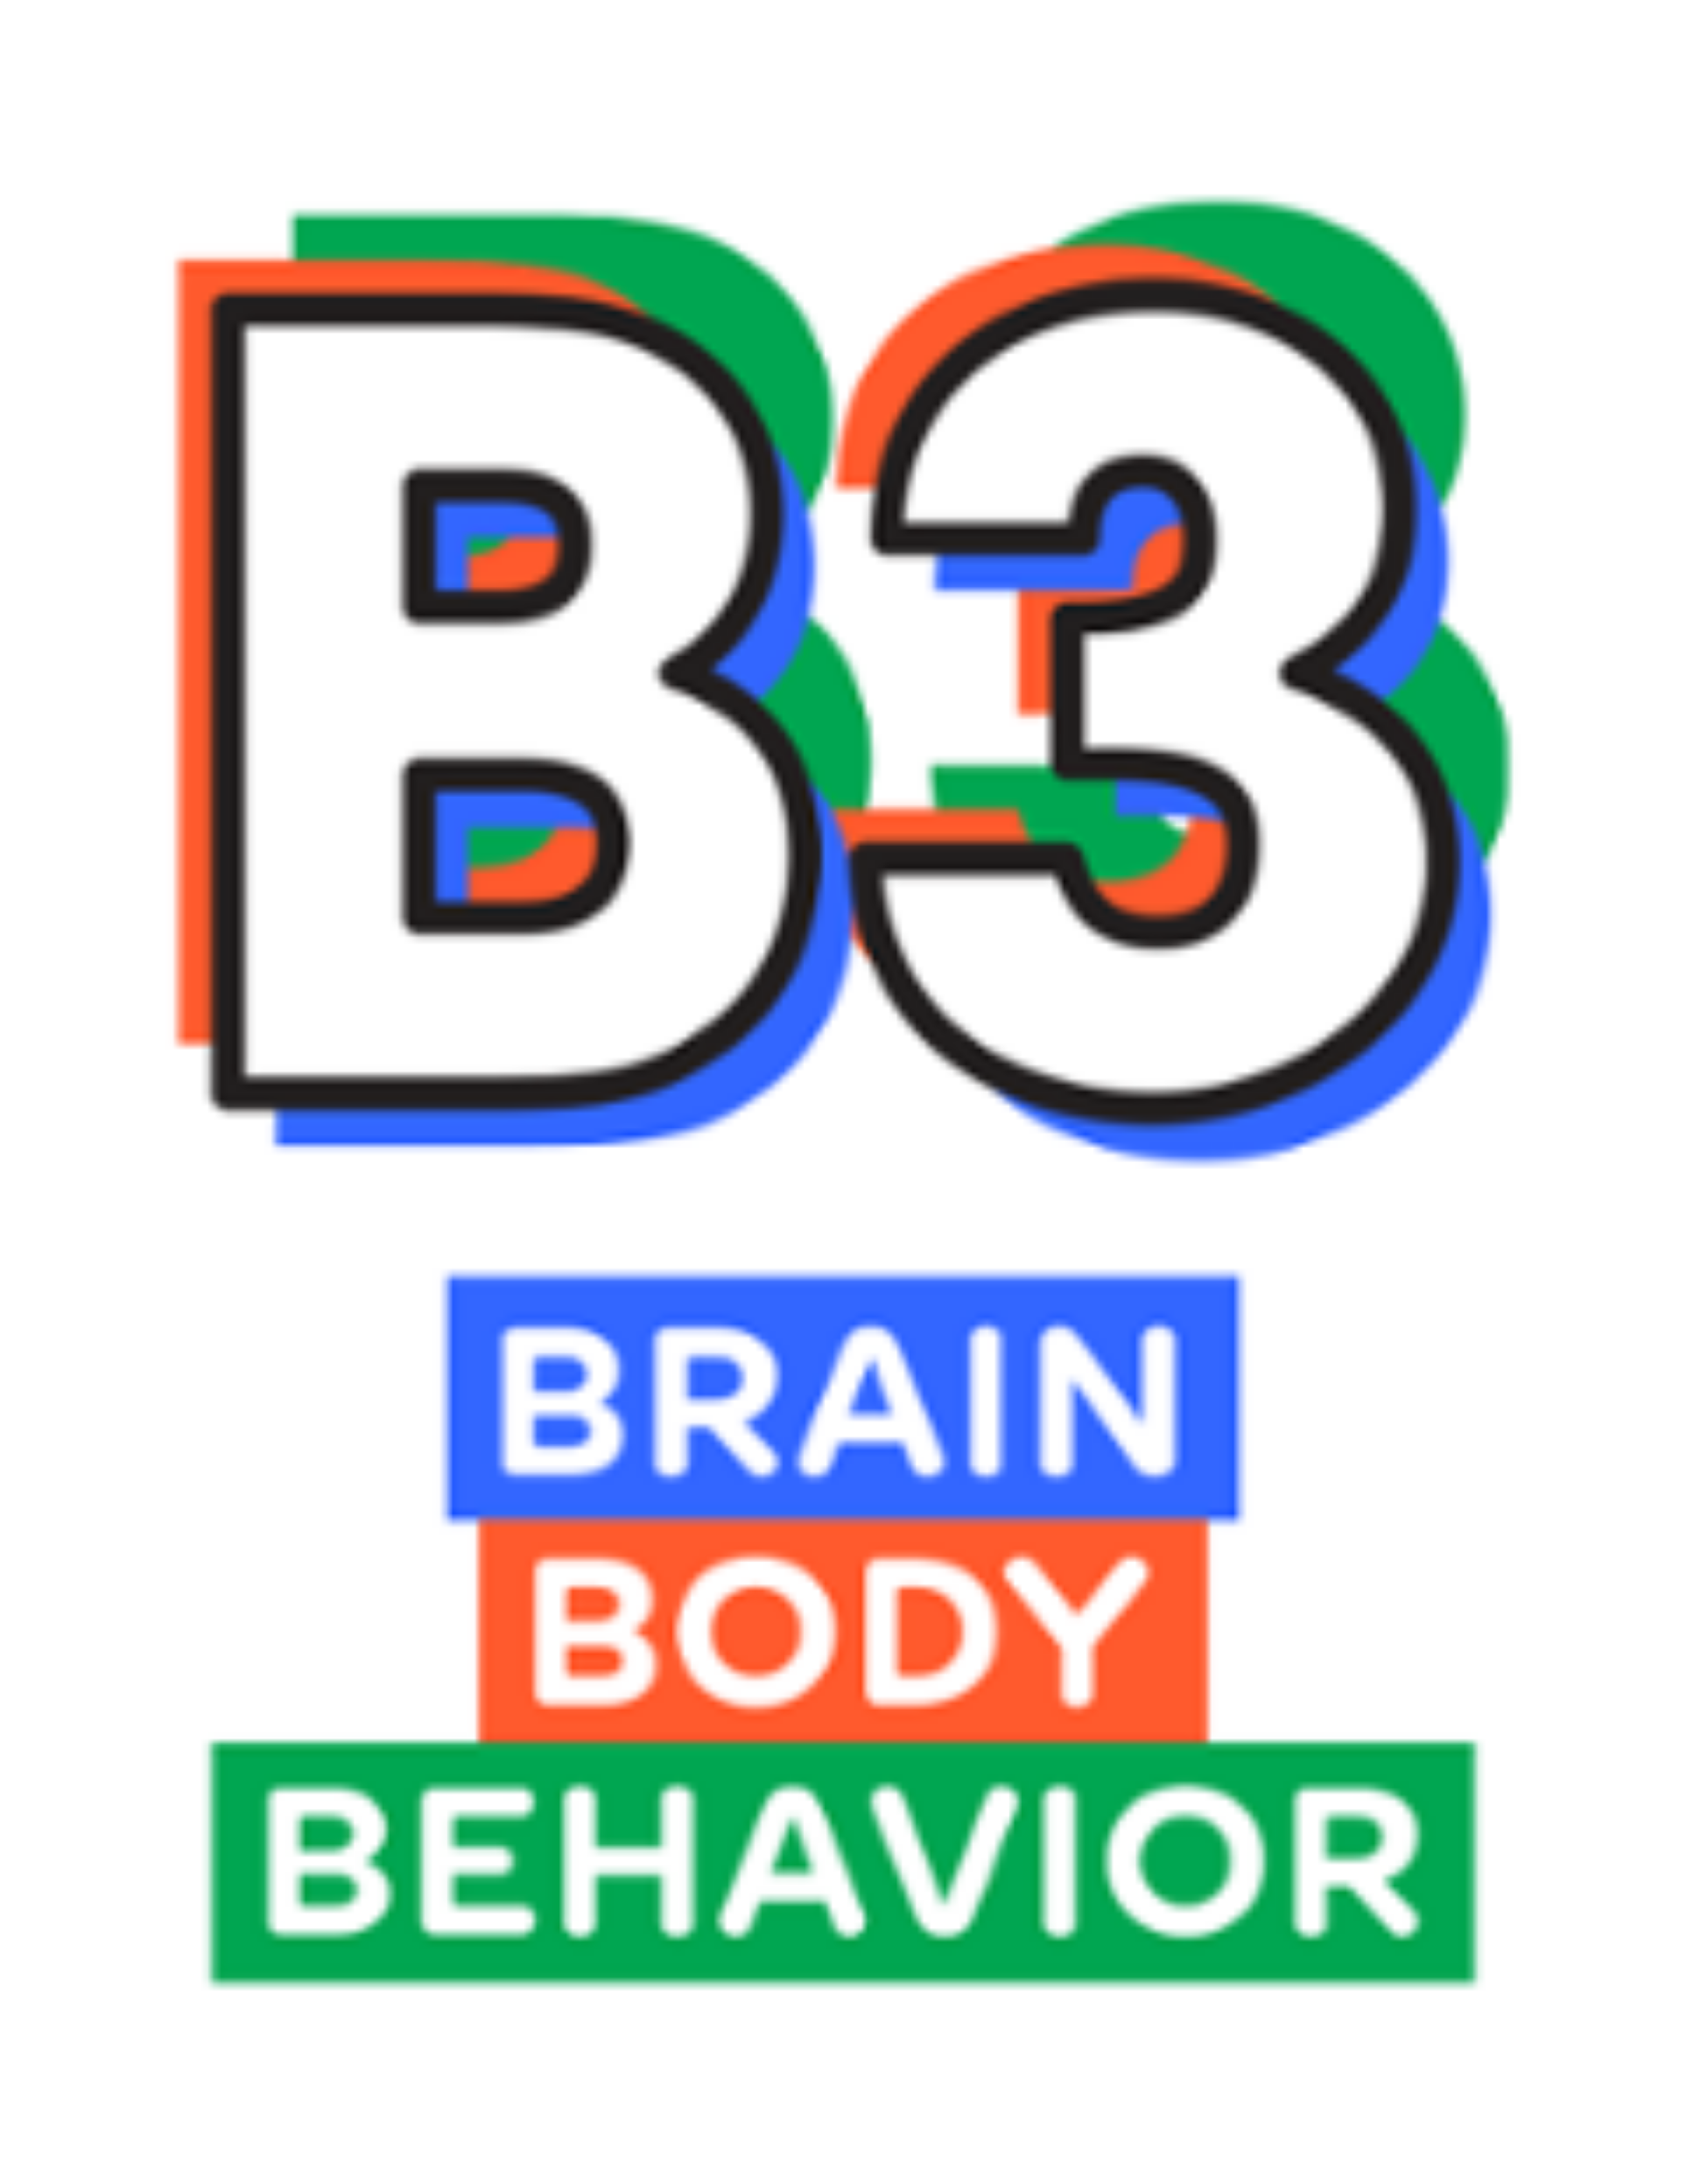 B3 Brain-Body-Behavior cover size